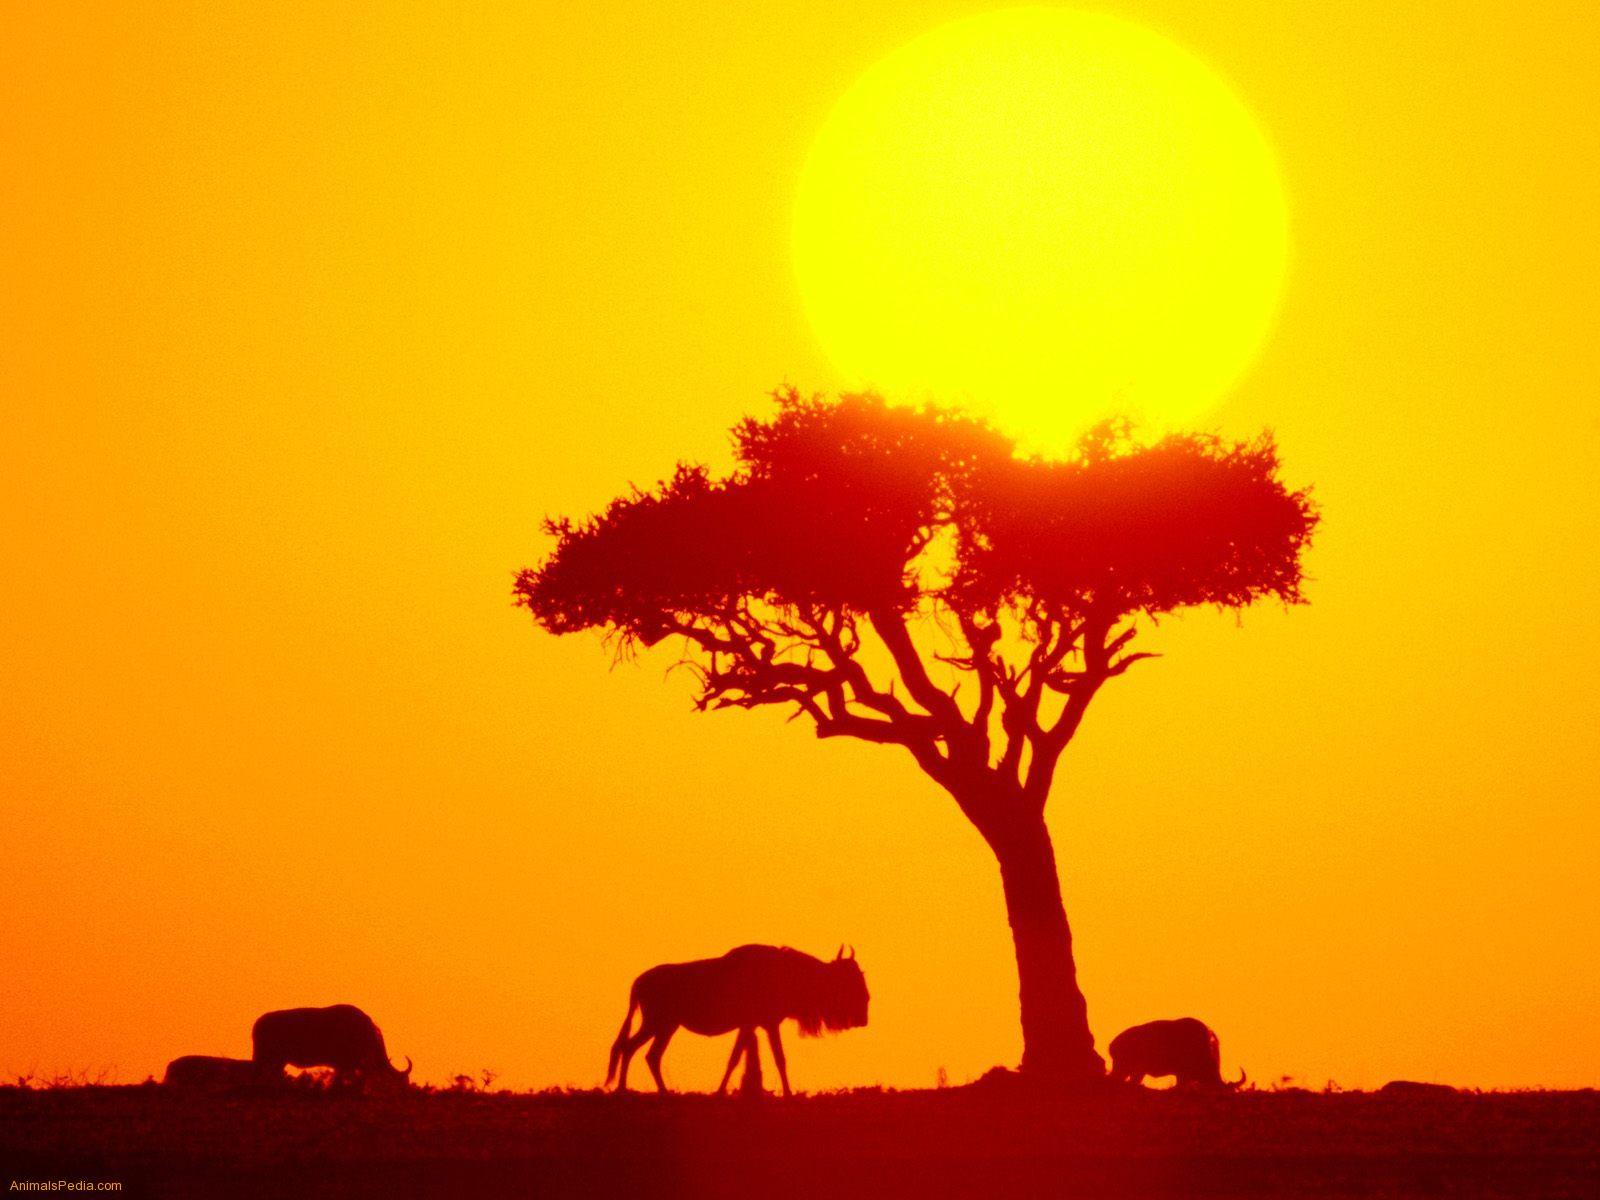 http://3.bp.blogspot.com/-Lcg1t1P5Sgs/TcM09_ZigFI/AAAAAAAABPM/s-un45Q4HSY/s1600/African-Safari-Wallpaper_0605201102.jpeg